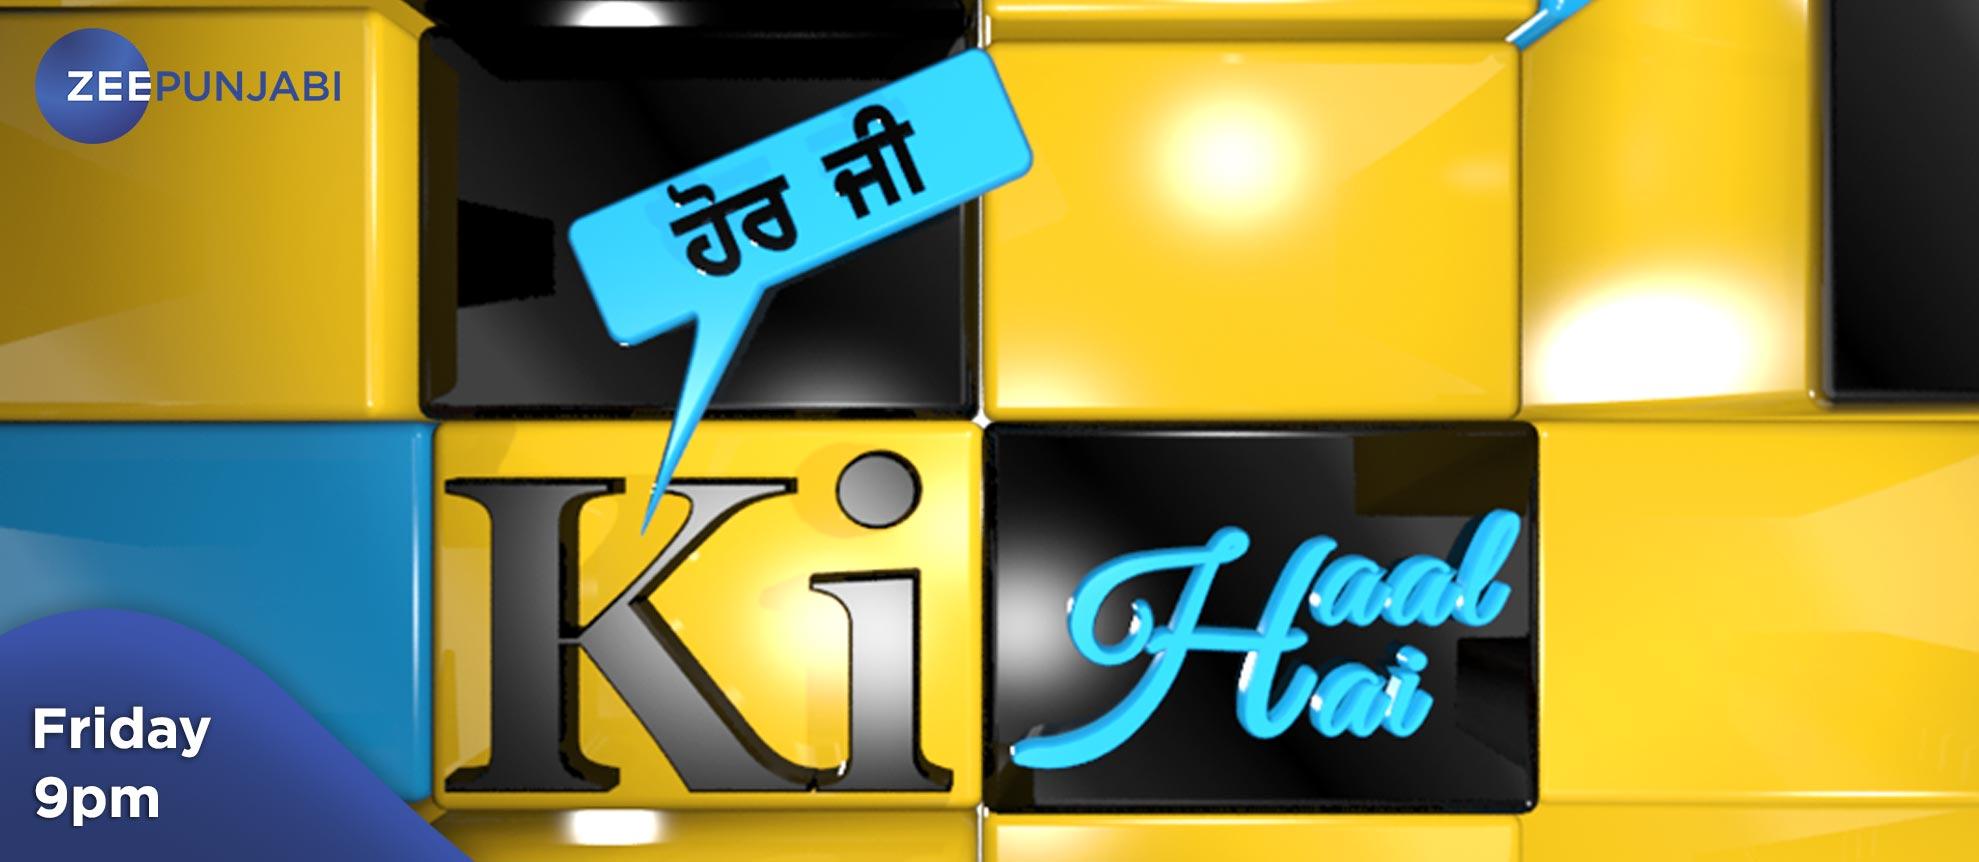 Hor G Ki Haal Hai